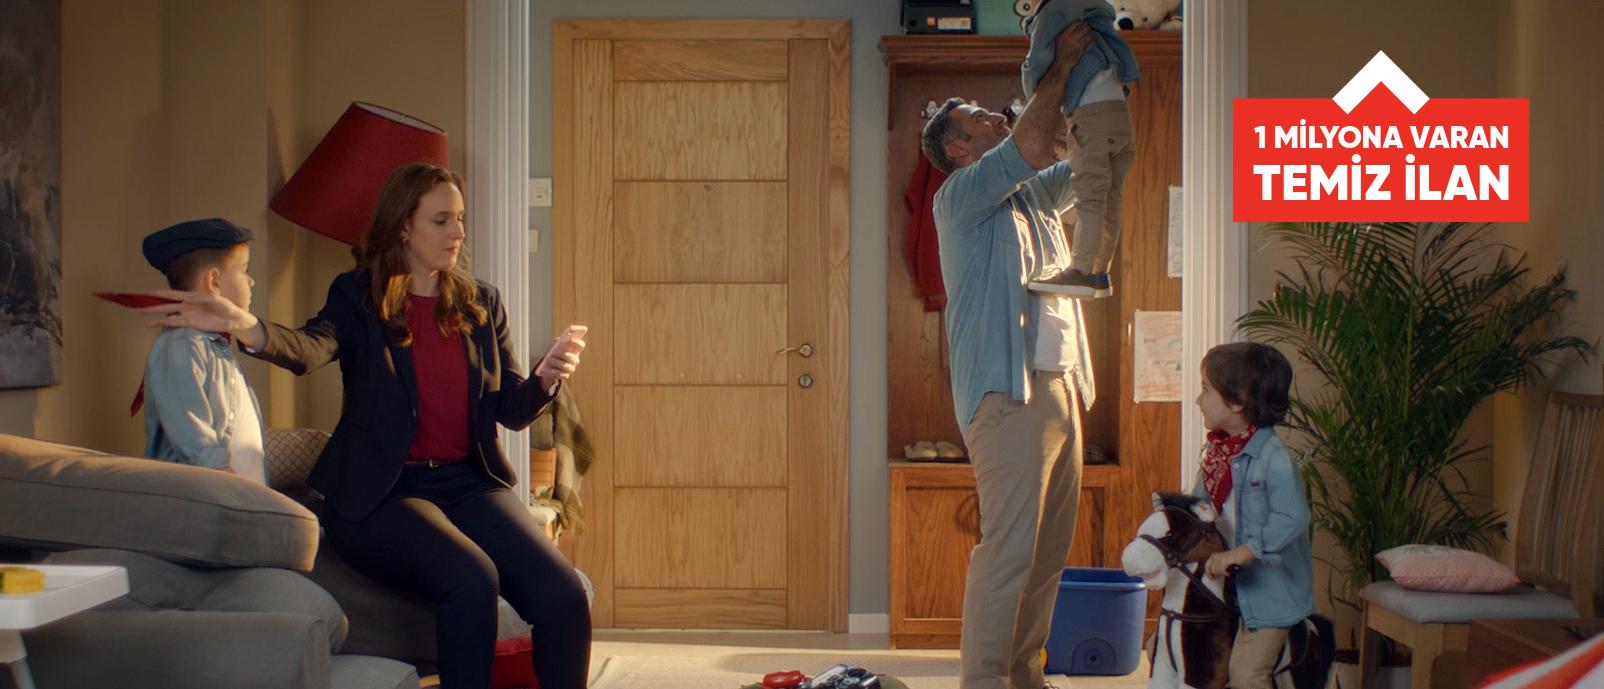 Hürriyet Emlak'ın yeni reklam filmlerinde ev değiştirme kararı alan Yasemin ve Alican yaptıkları işi bırakmadan tek elleriyle aradıkları evi buluyor.